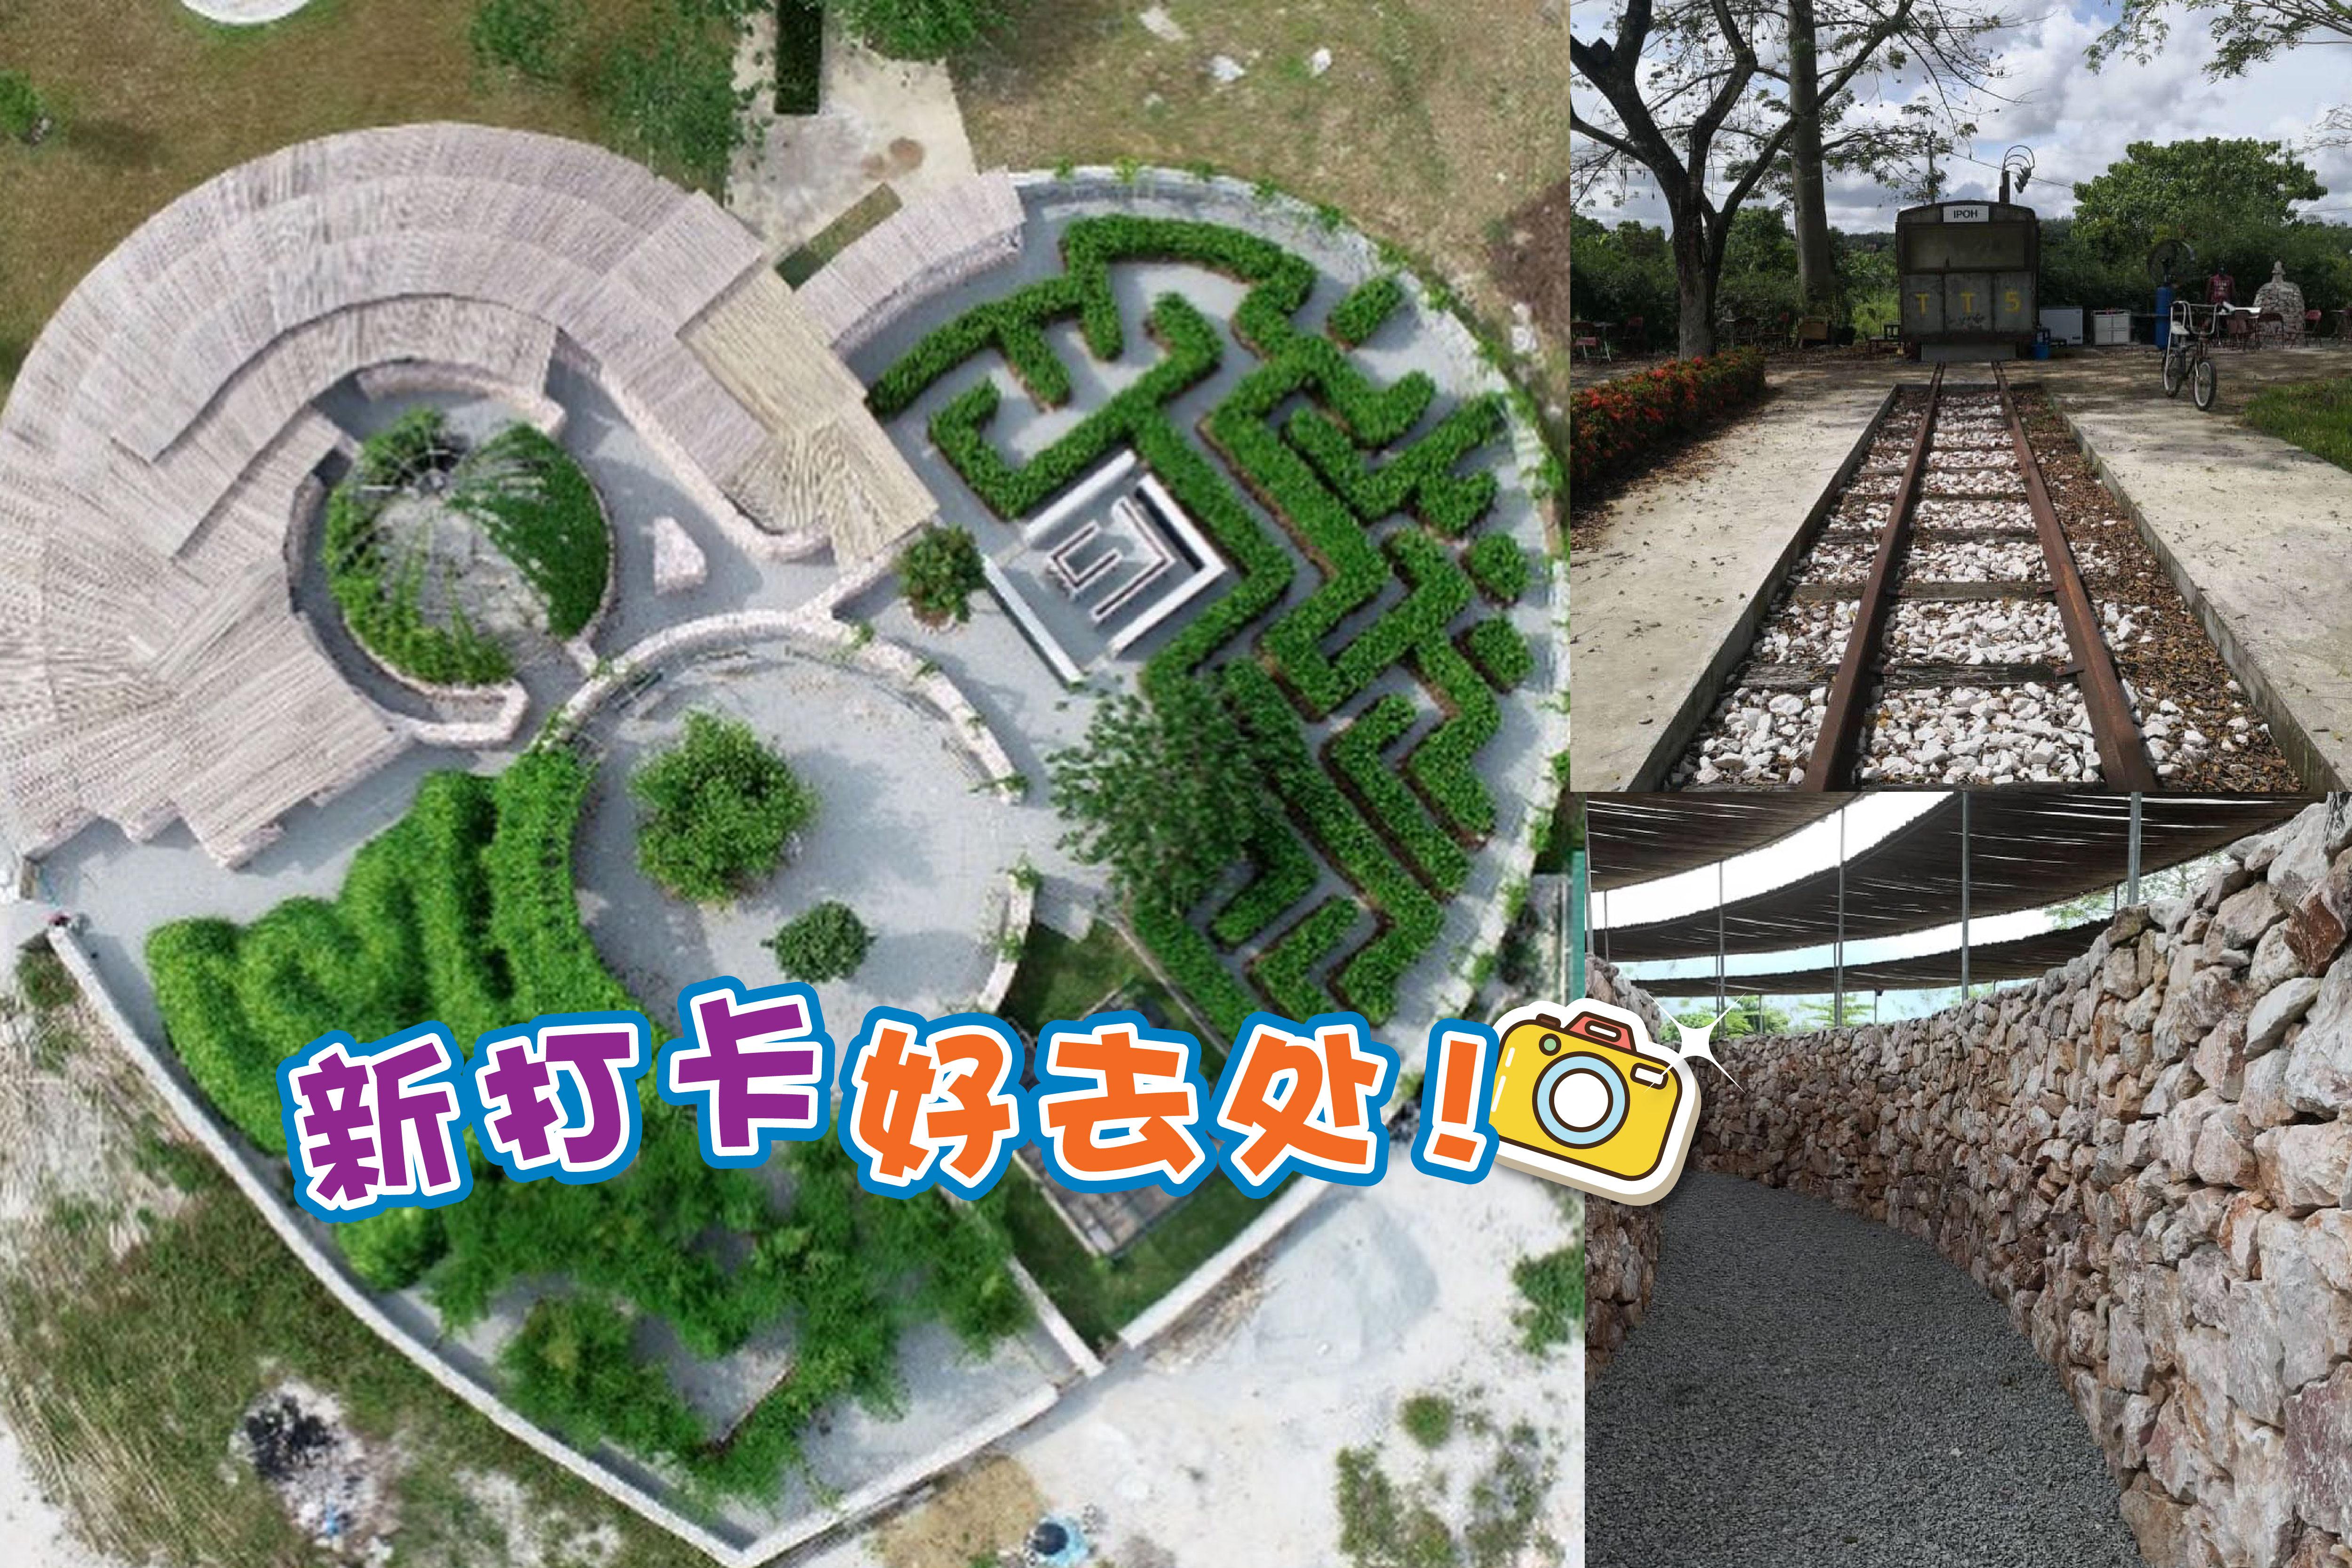 全马最大迷宫花园已经开放给公众参观!-图摘自TT5 Perak脸书/精彩大马制图-